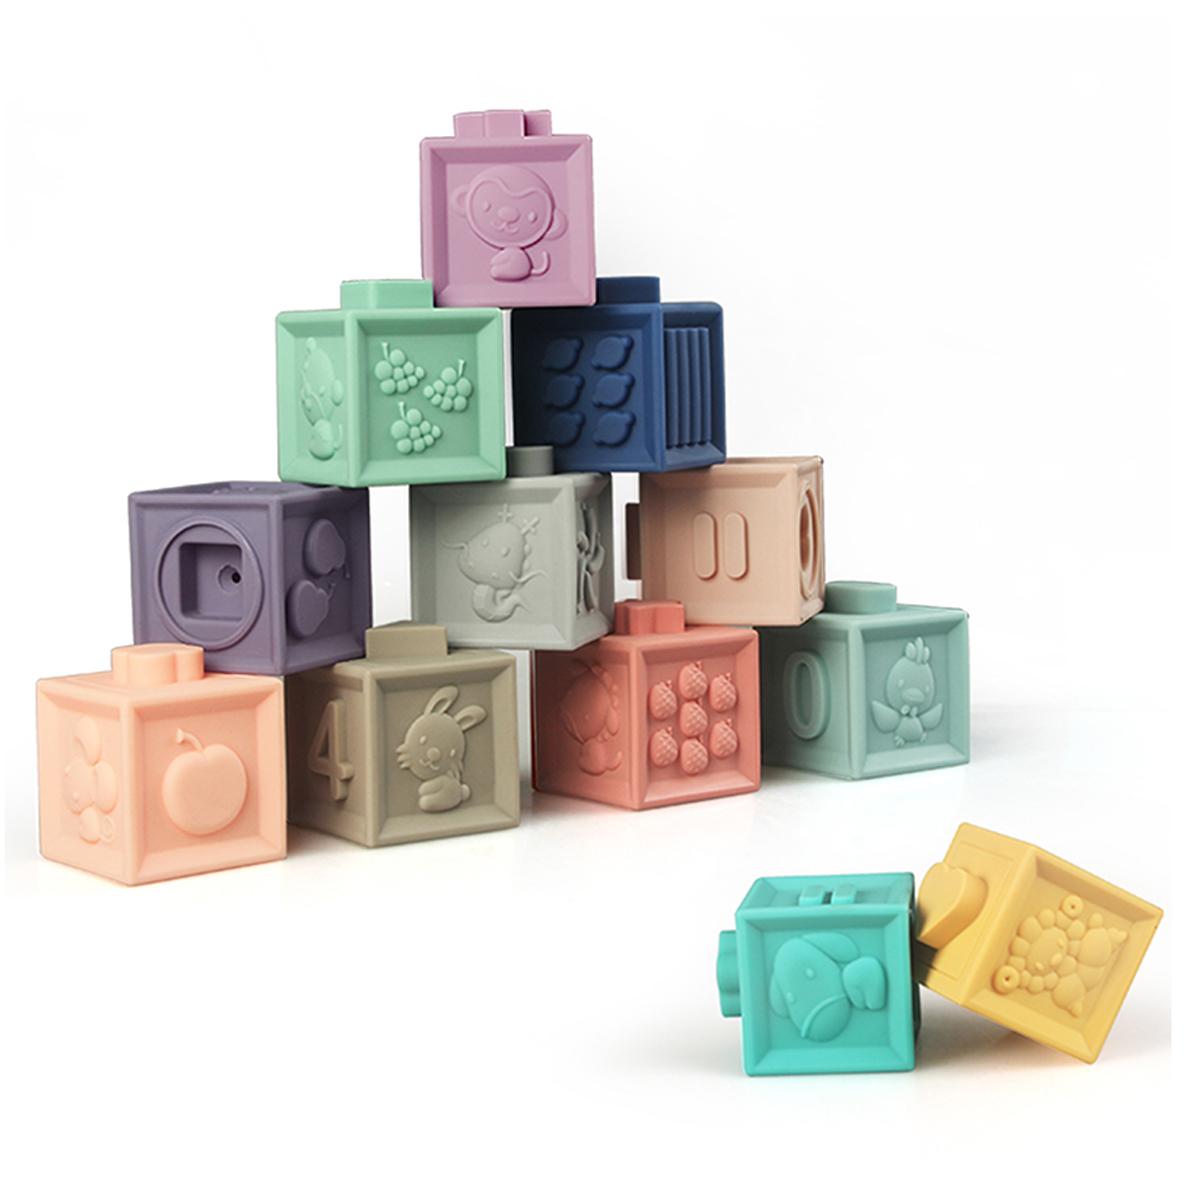 Mes premiers jouets Mes Premiers Cubes Educatifs Mes Premiers Cubes Educatifs